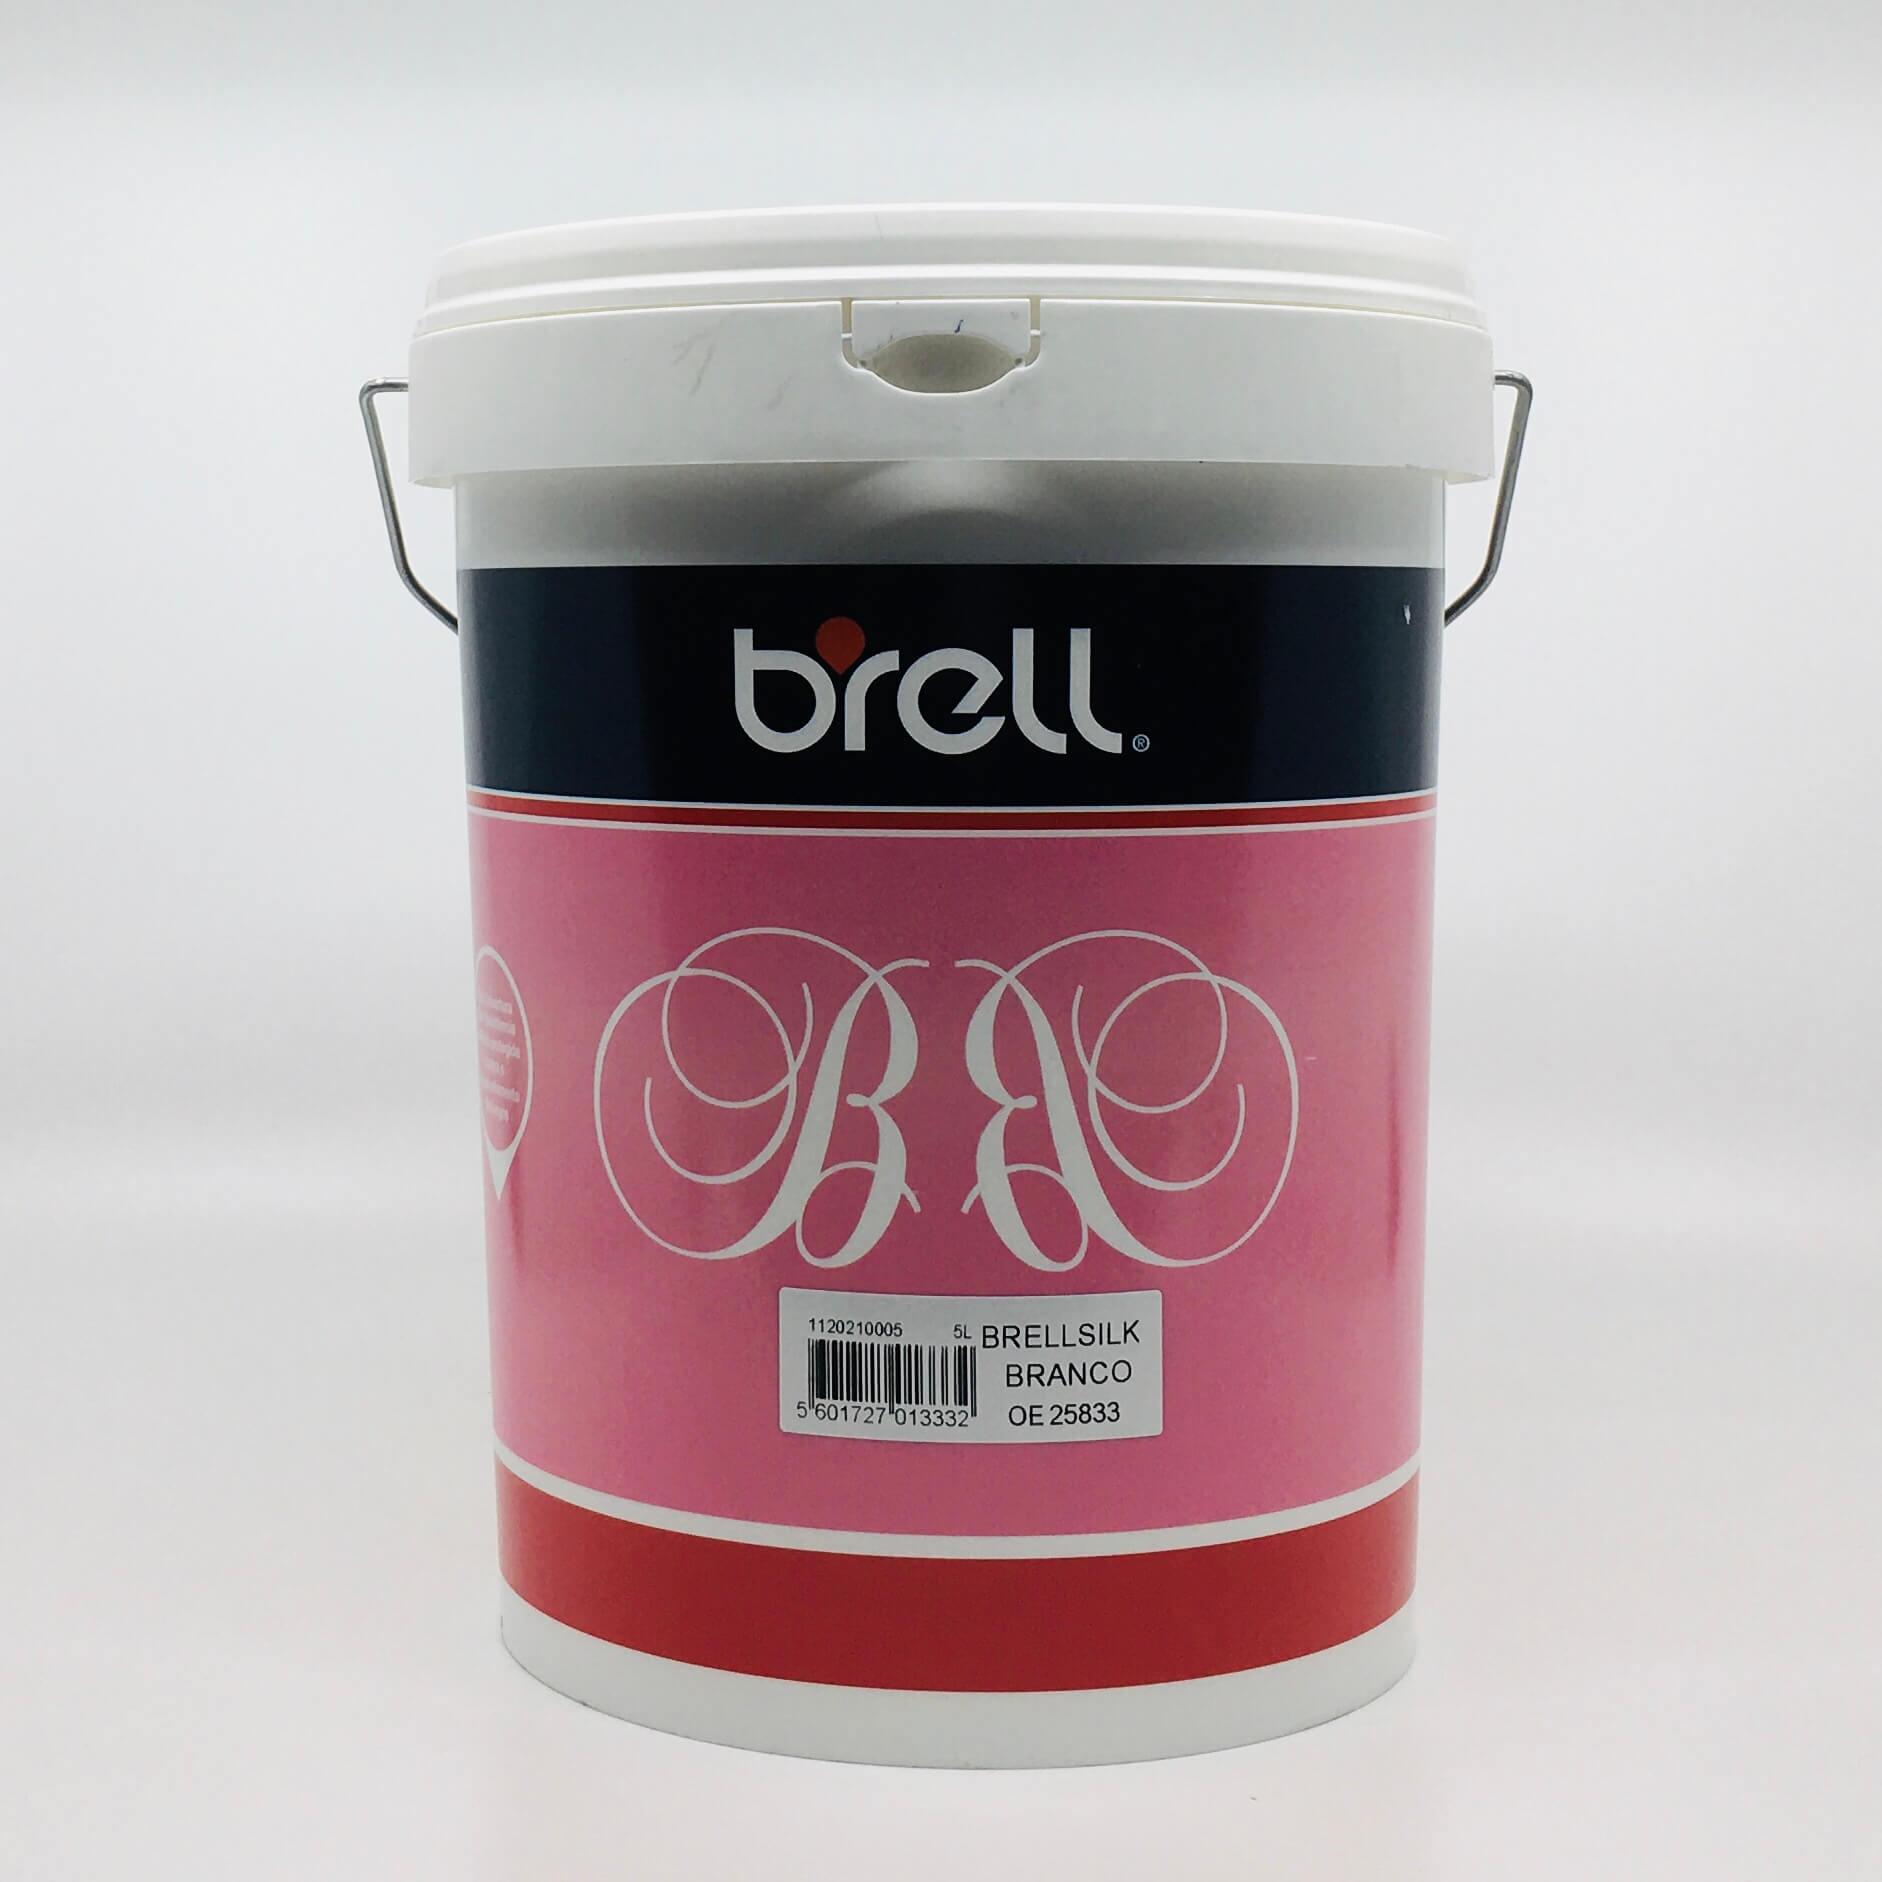 BrellSilk